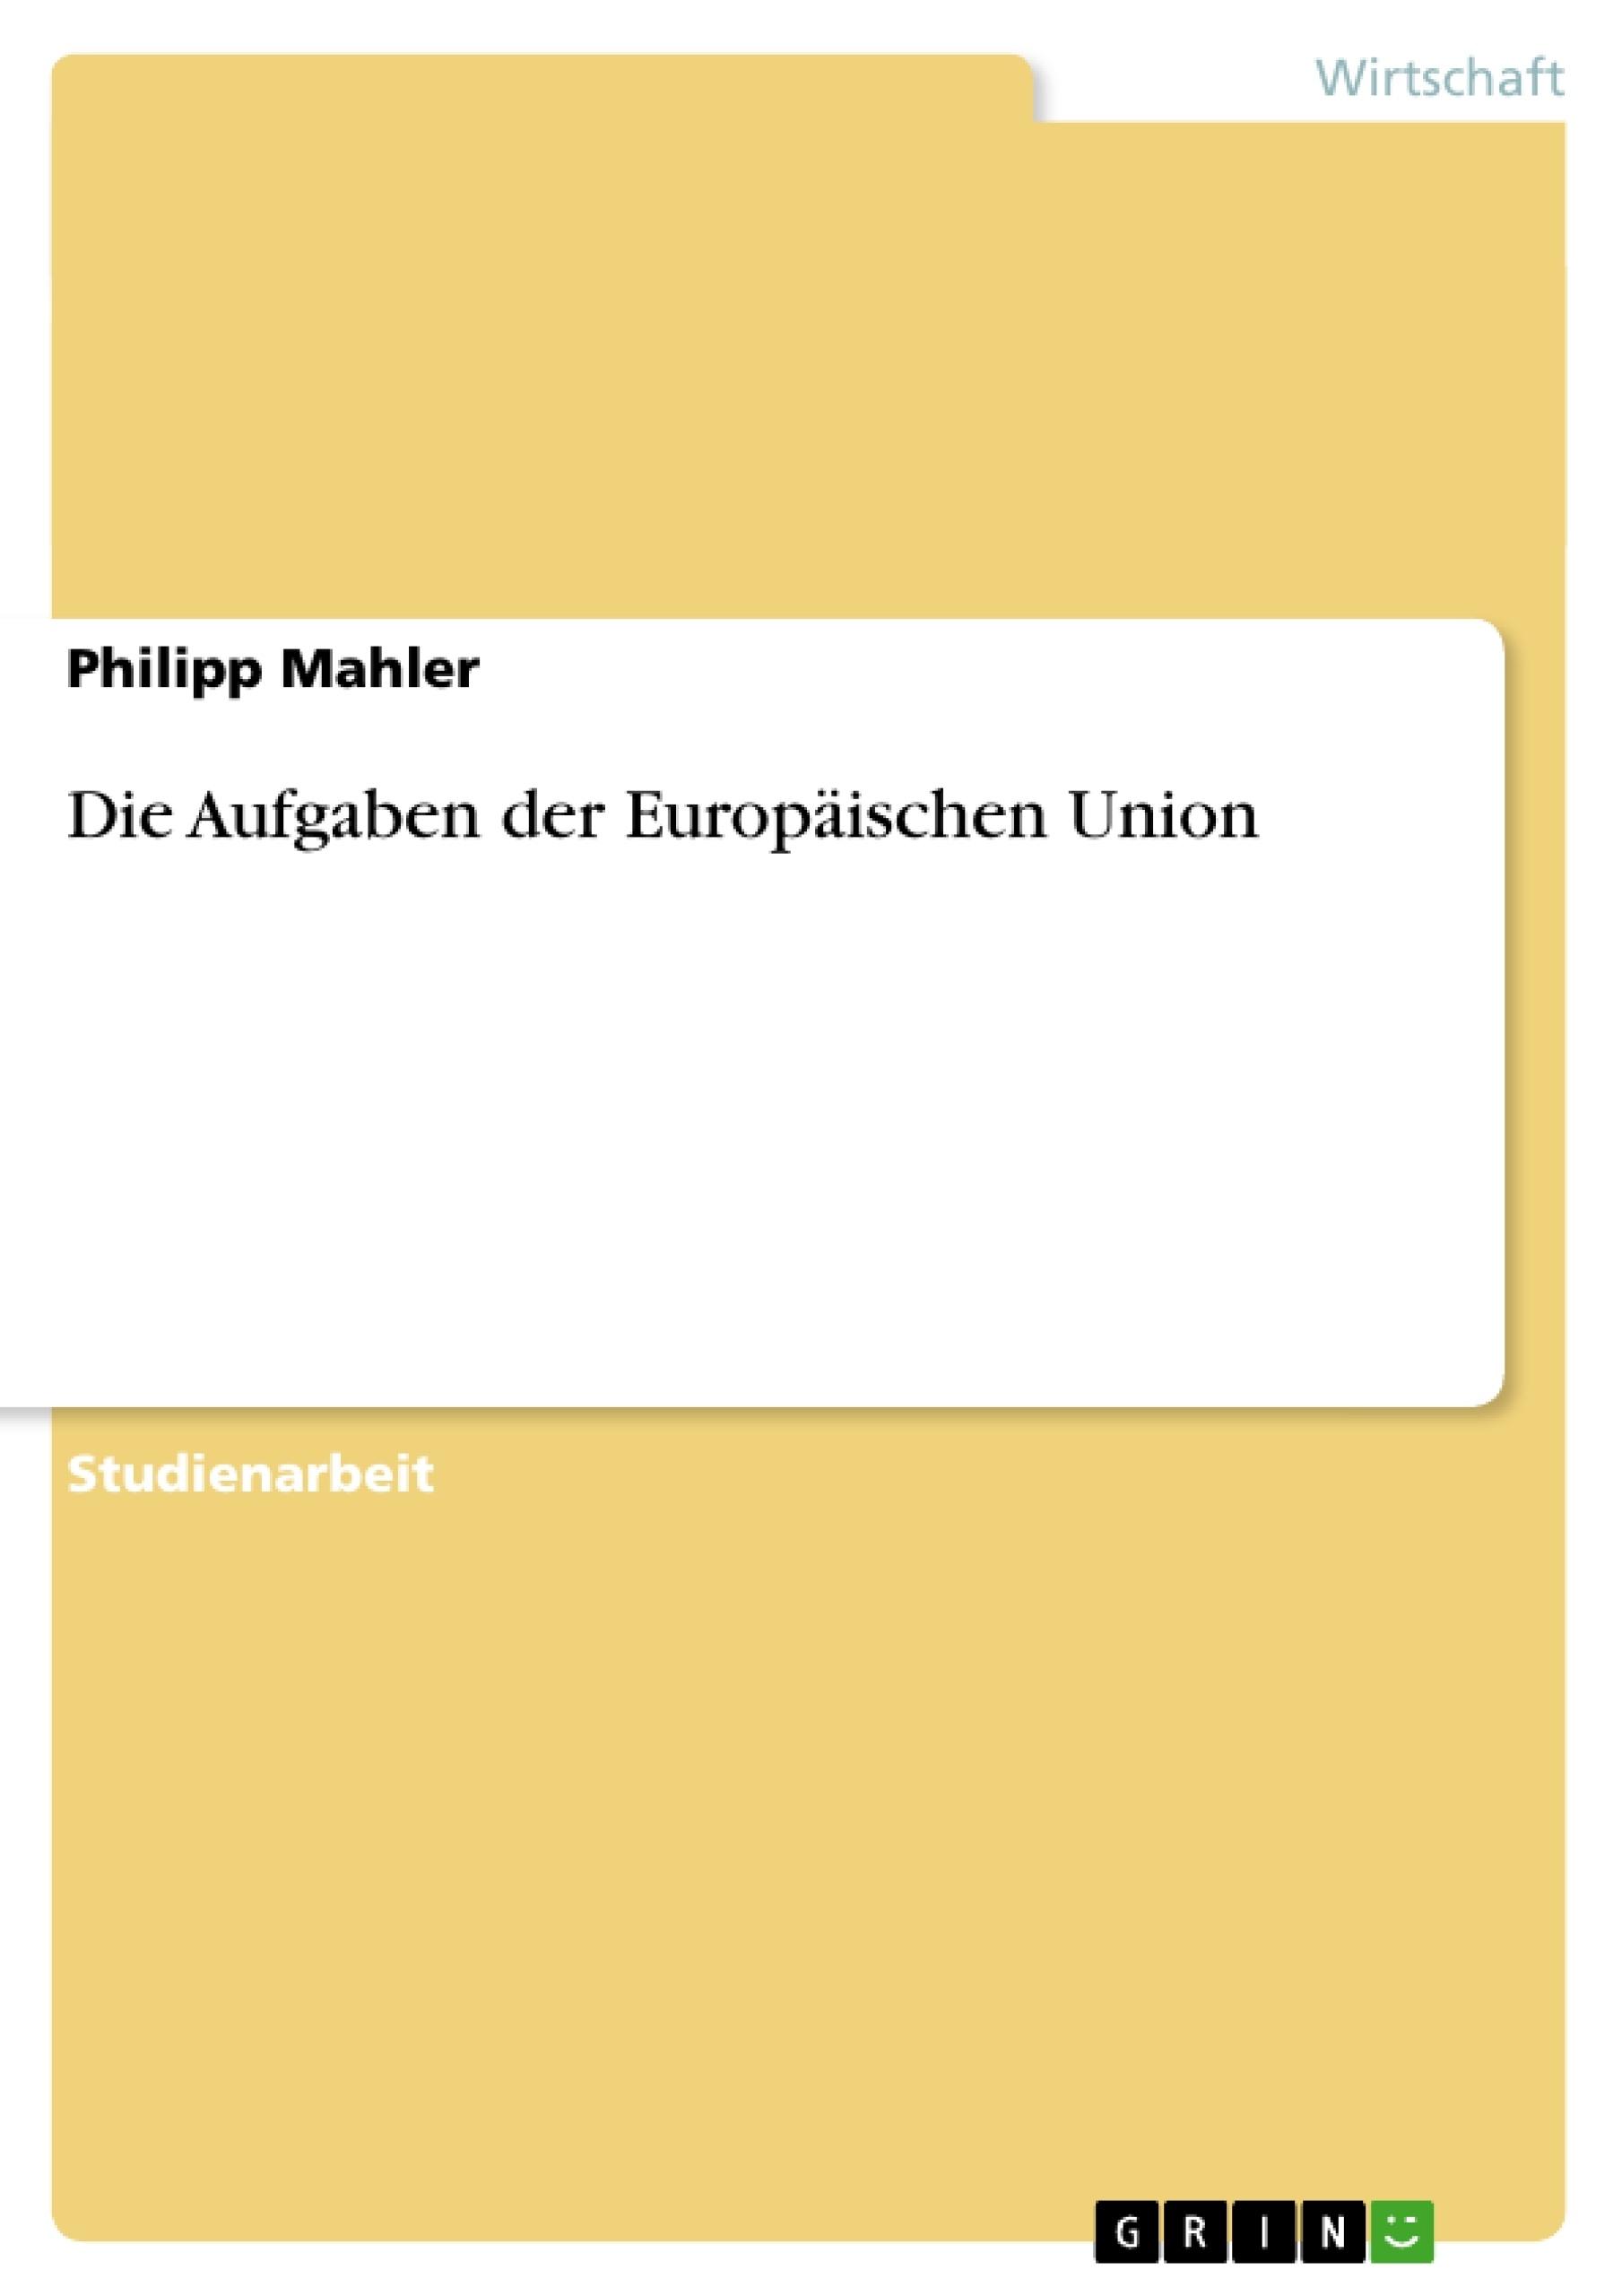 Titel: Die Aufgaben der Europäischen Union